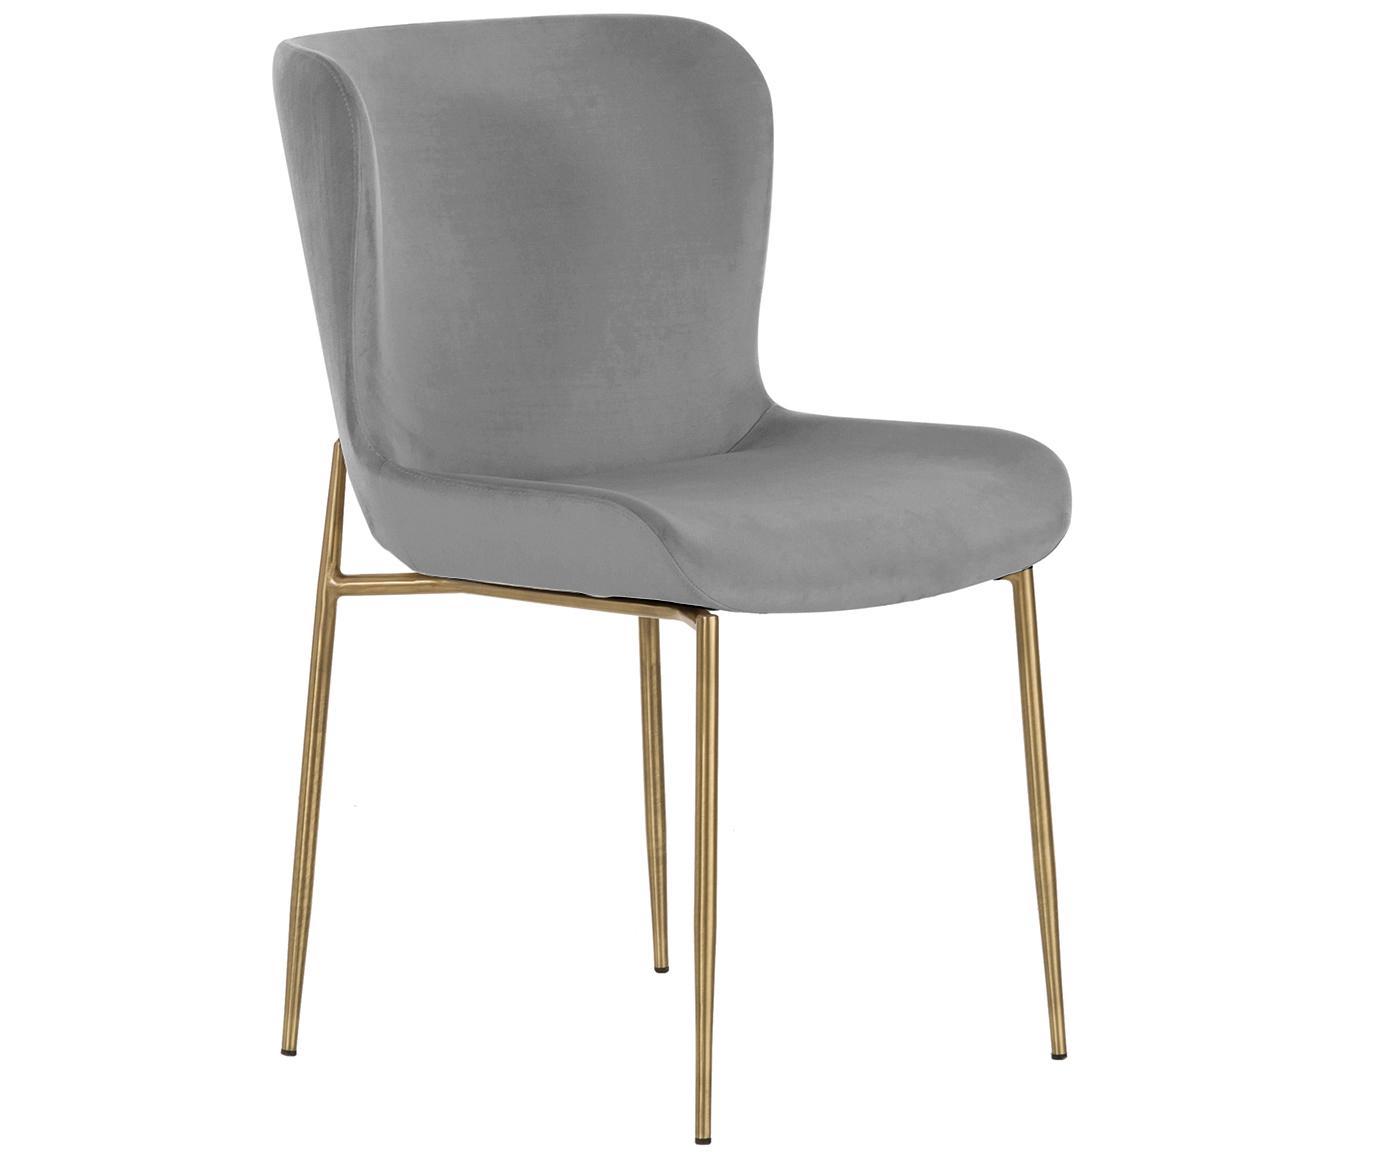 Sedia imbottita in velluto Tess, Rivestimento: velluto (poliestere) 30.0, Gambe: metallo verniciato a polv, Velluto grigio, Larg. 49 x Prof. 64 cm